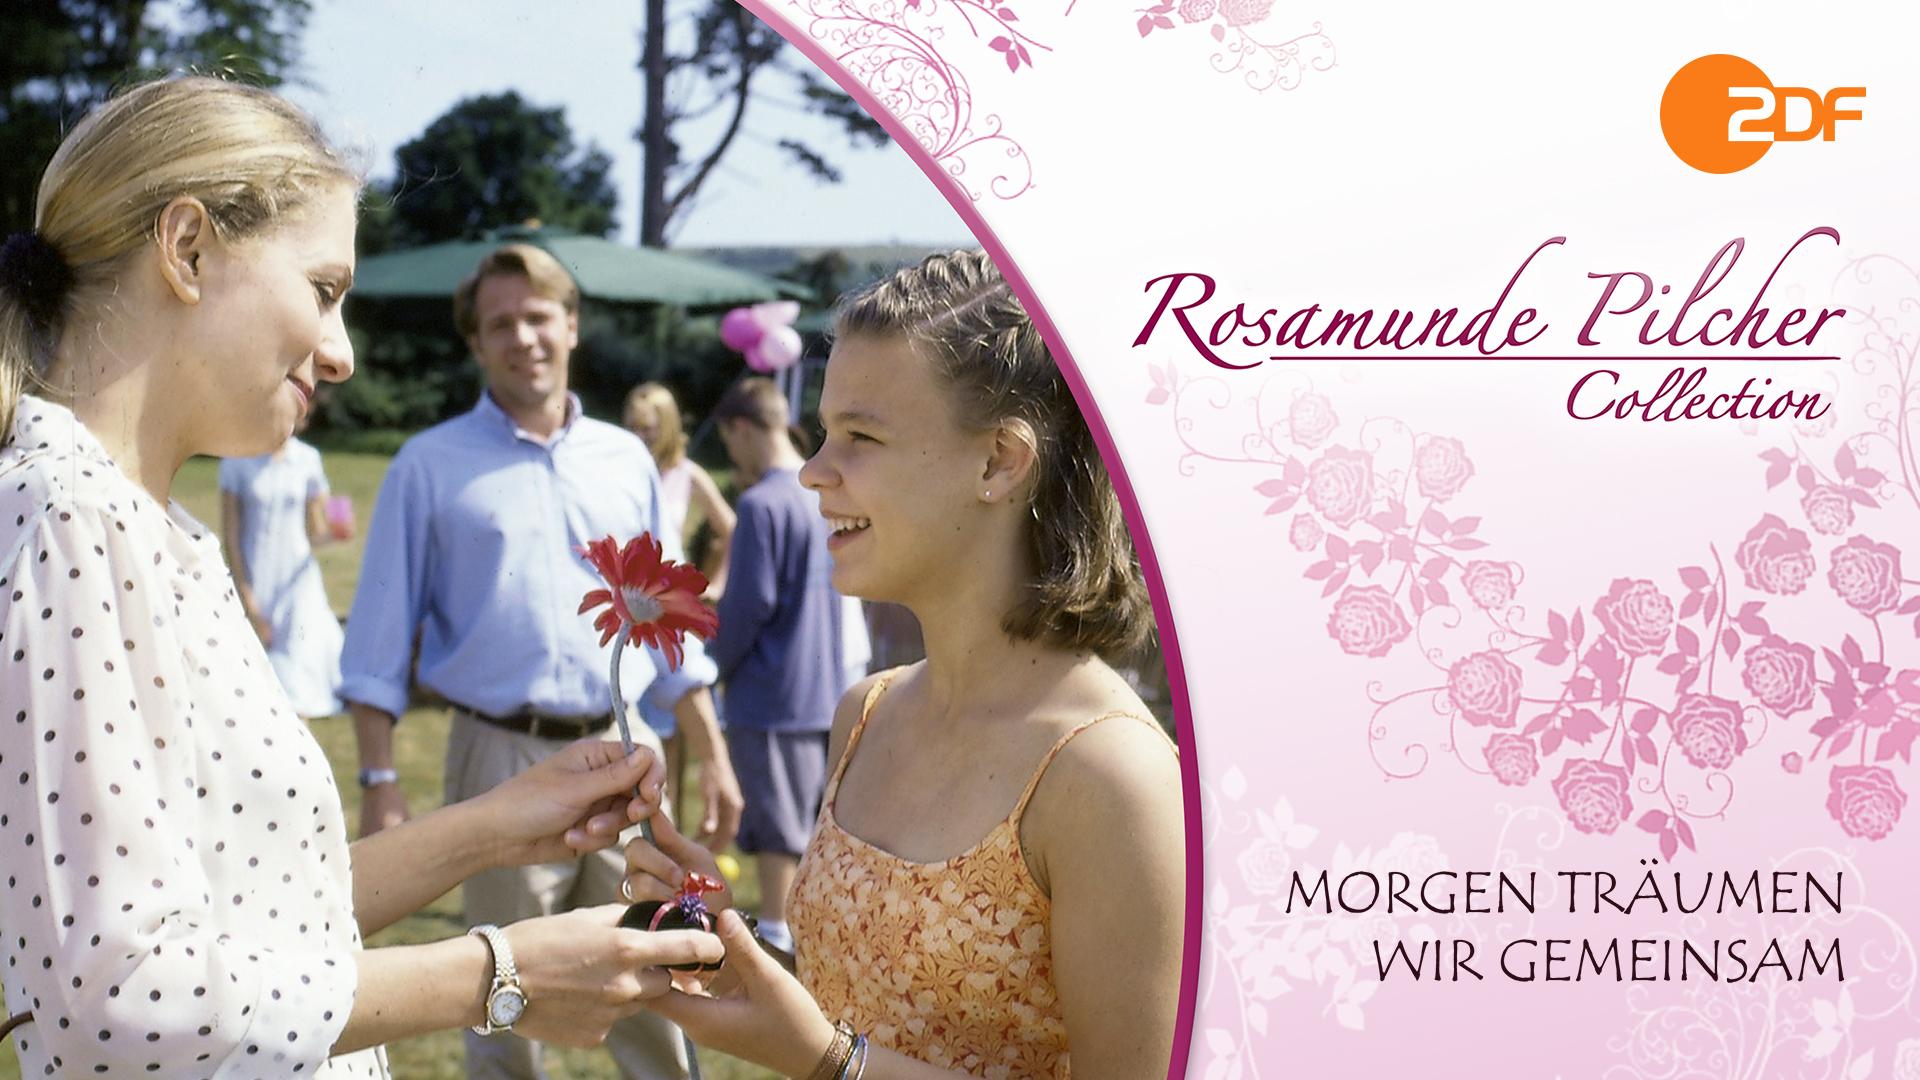 Rosamunde Pilcher: Morgen träumen wir gemeinsam